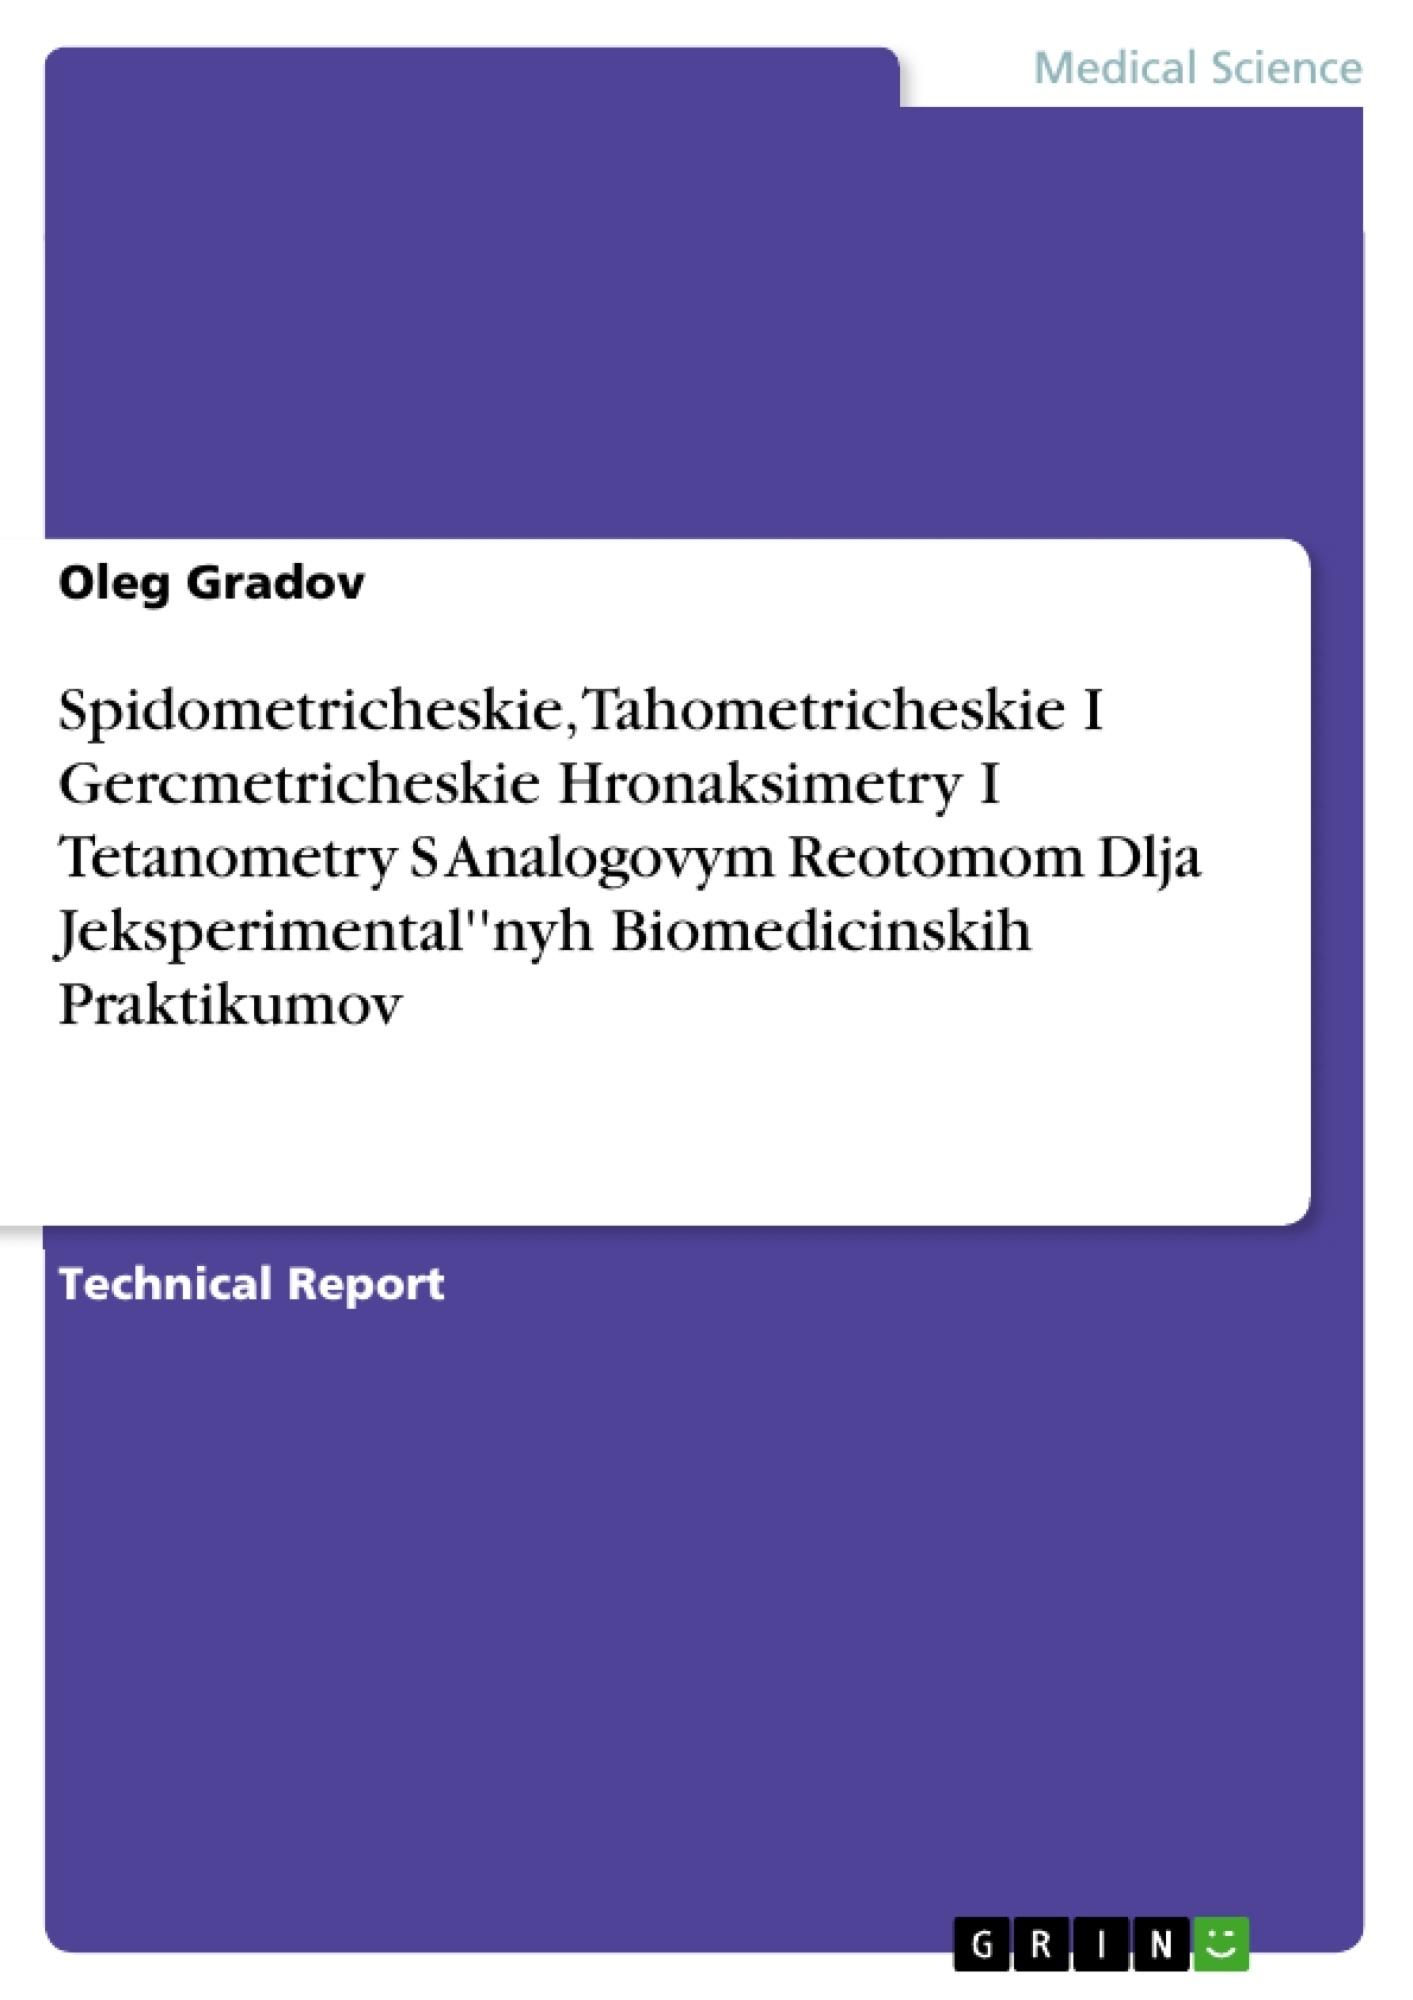 Title: Spidometricheskie, Tahometricheskie I Gercmetricheskie Hronaksimetry I Tetanometry S Analogovym Reotomom Dlja Jeksperimental''nyh Biomedicinskih Praktikumov